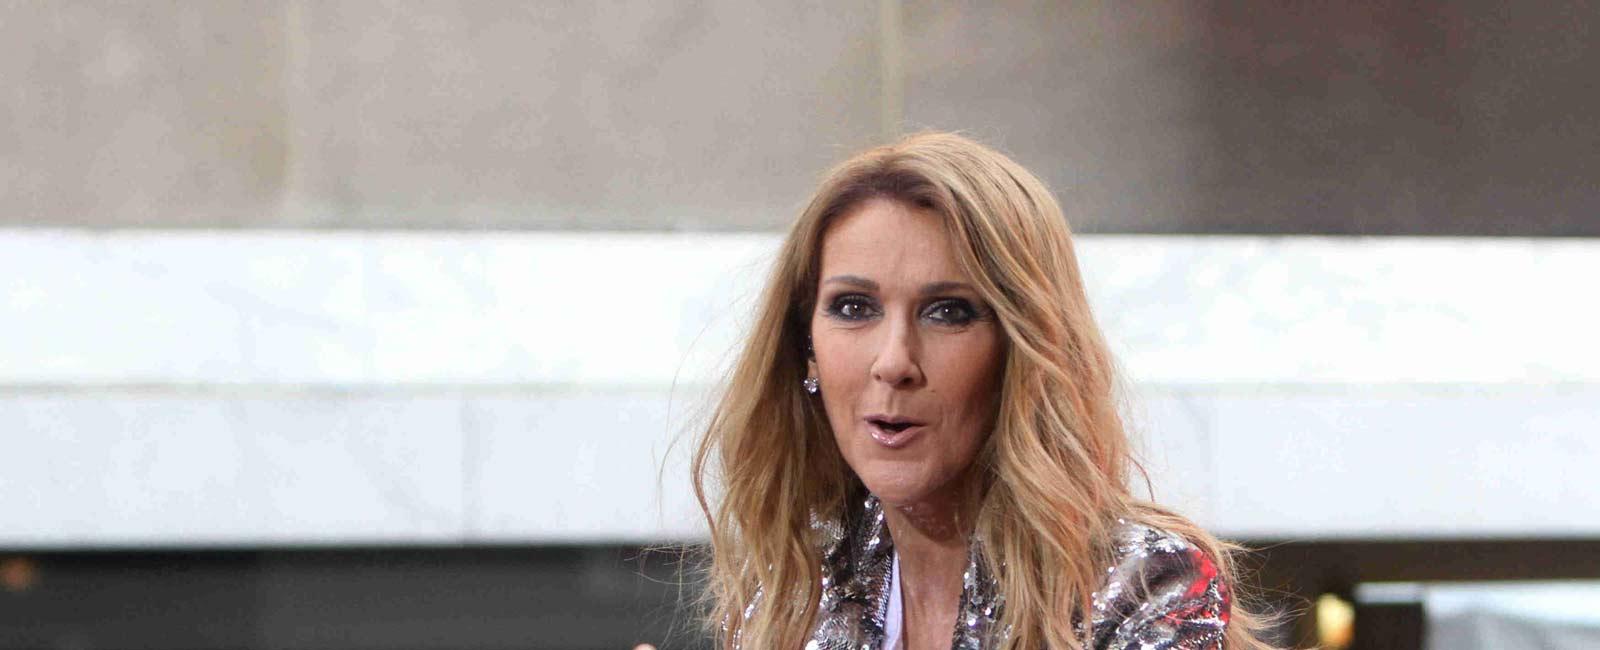 Celine Dion recupera su sonrisa